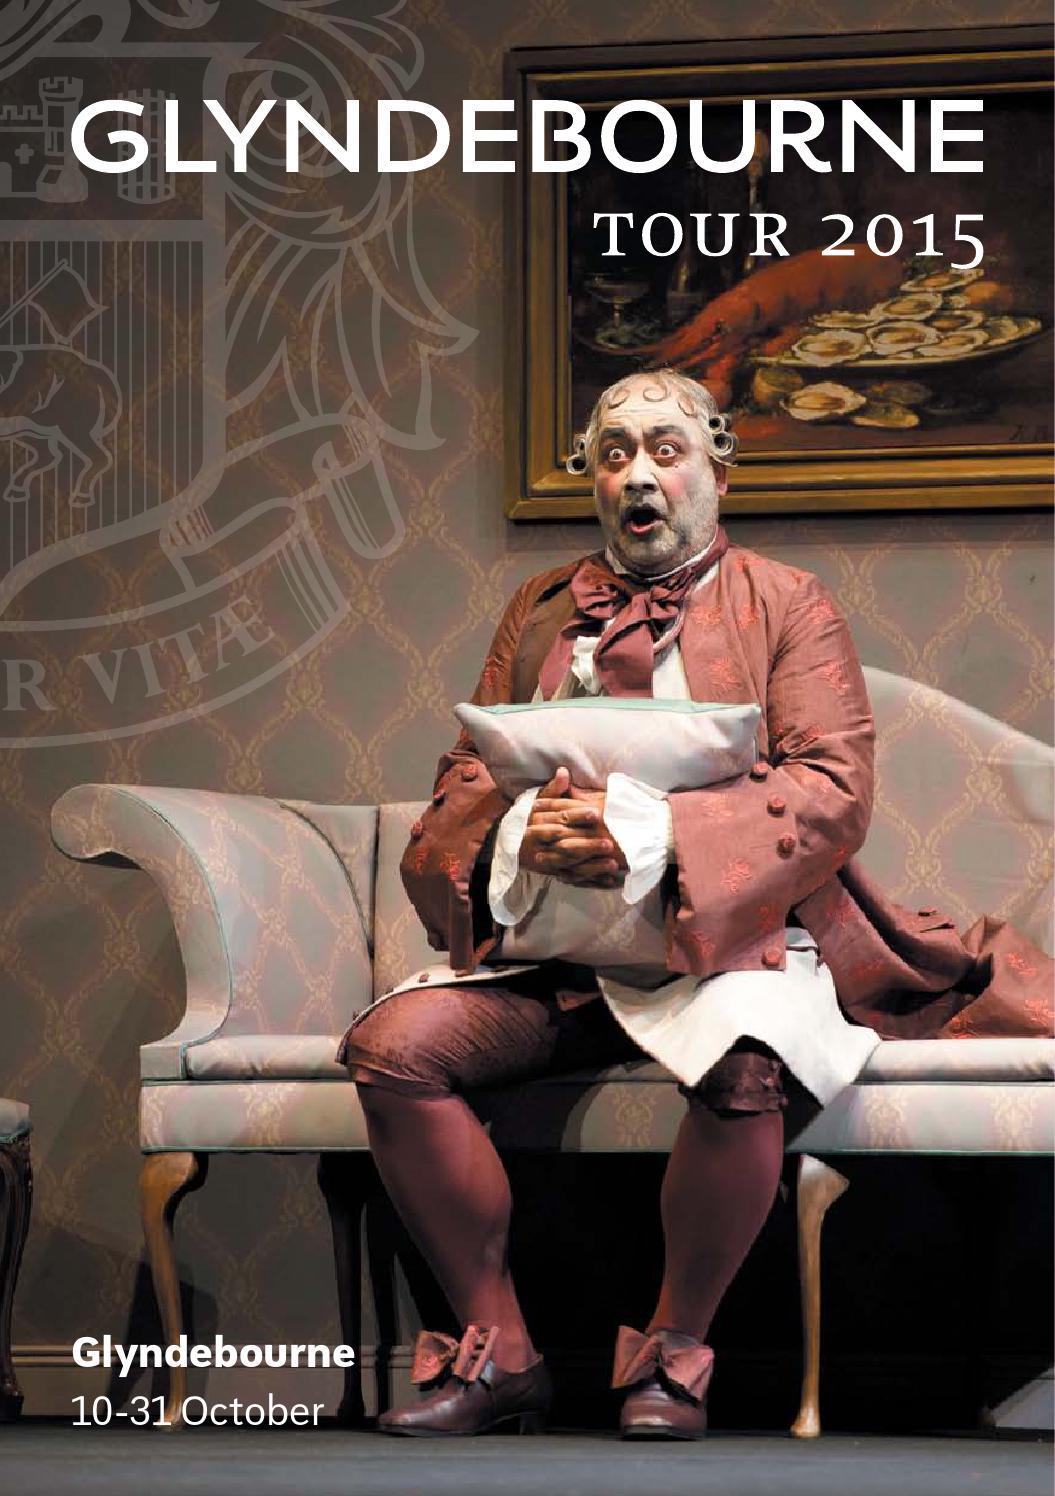 Glyndebourne festival tour